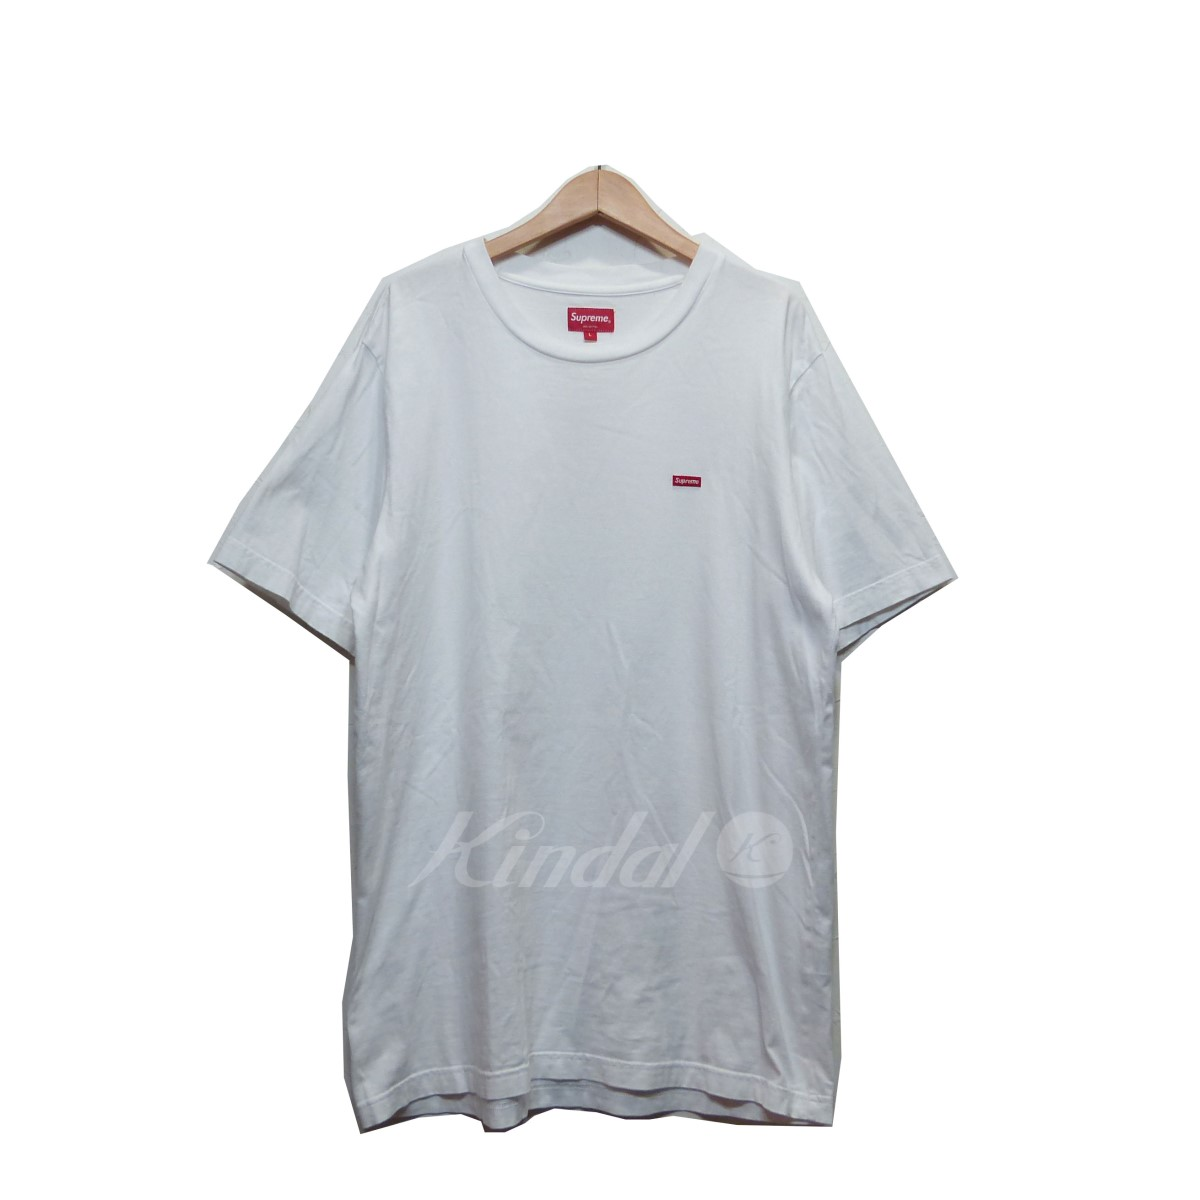 【中古】SUPREME シュプリーム ミニボックスロゴ 17SS Tシャツ ホワイト サイズ:L 【150519】(シュプリーム)